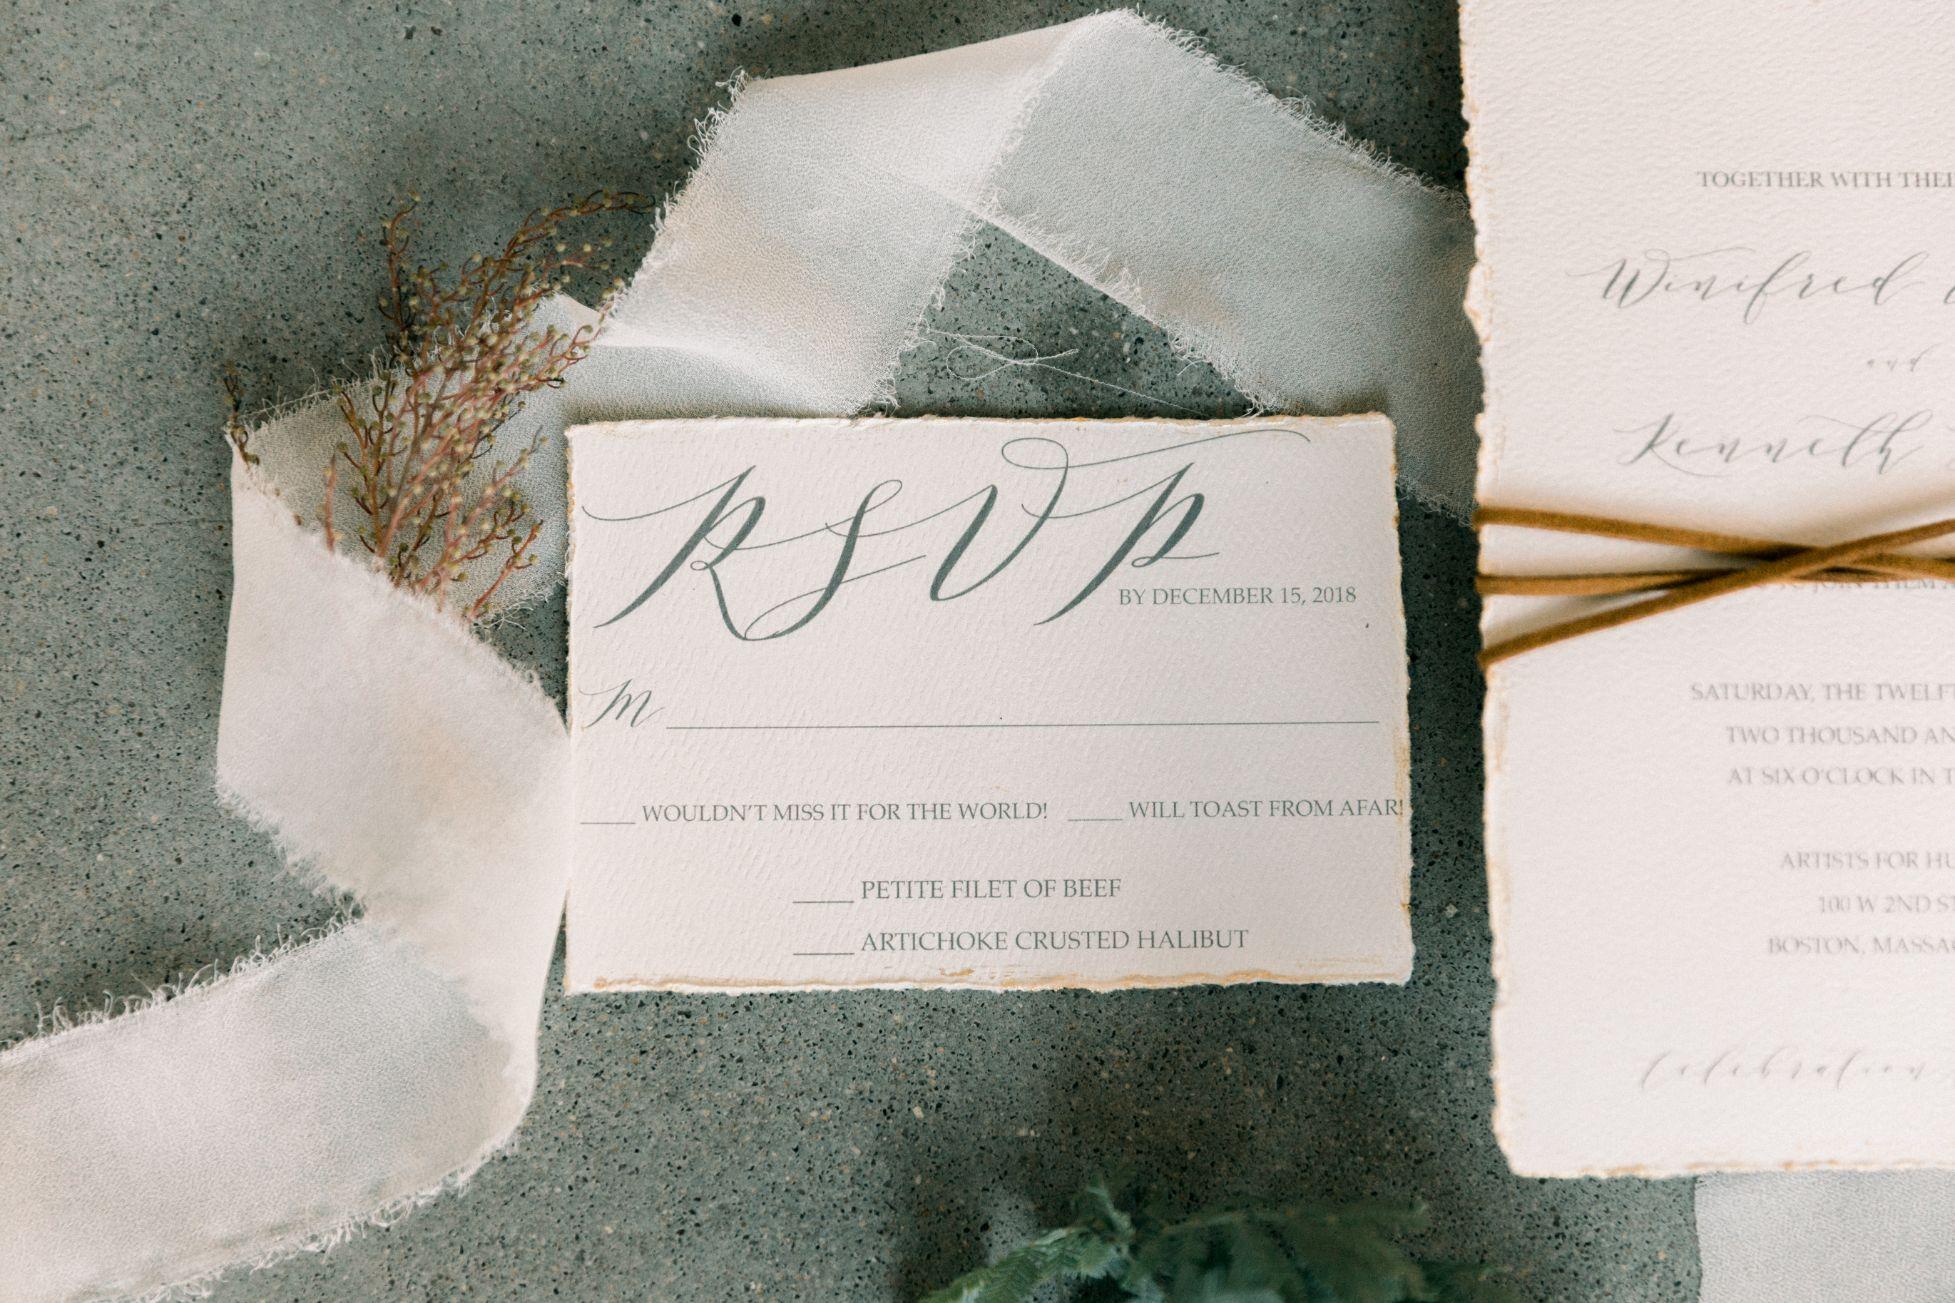 artists-for-humanity-industrial-bohemian-wedding-daylynn-designs33.jpg